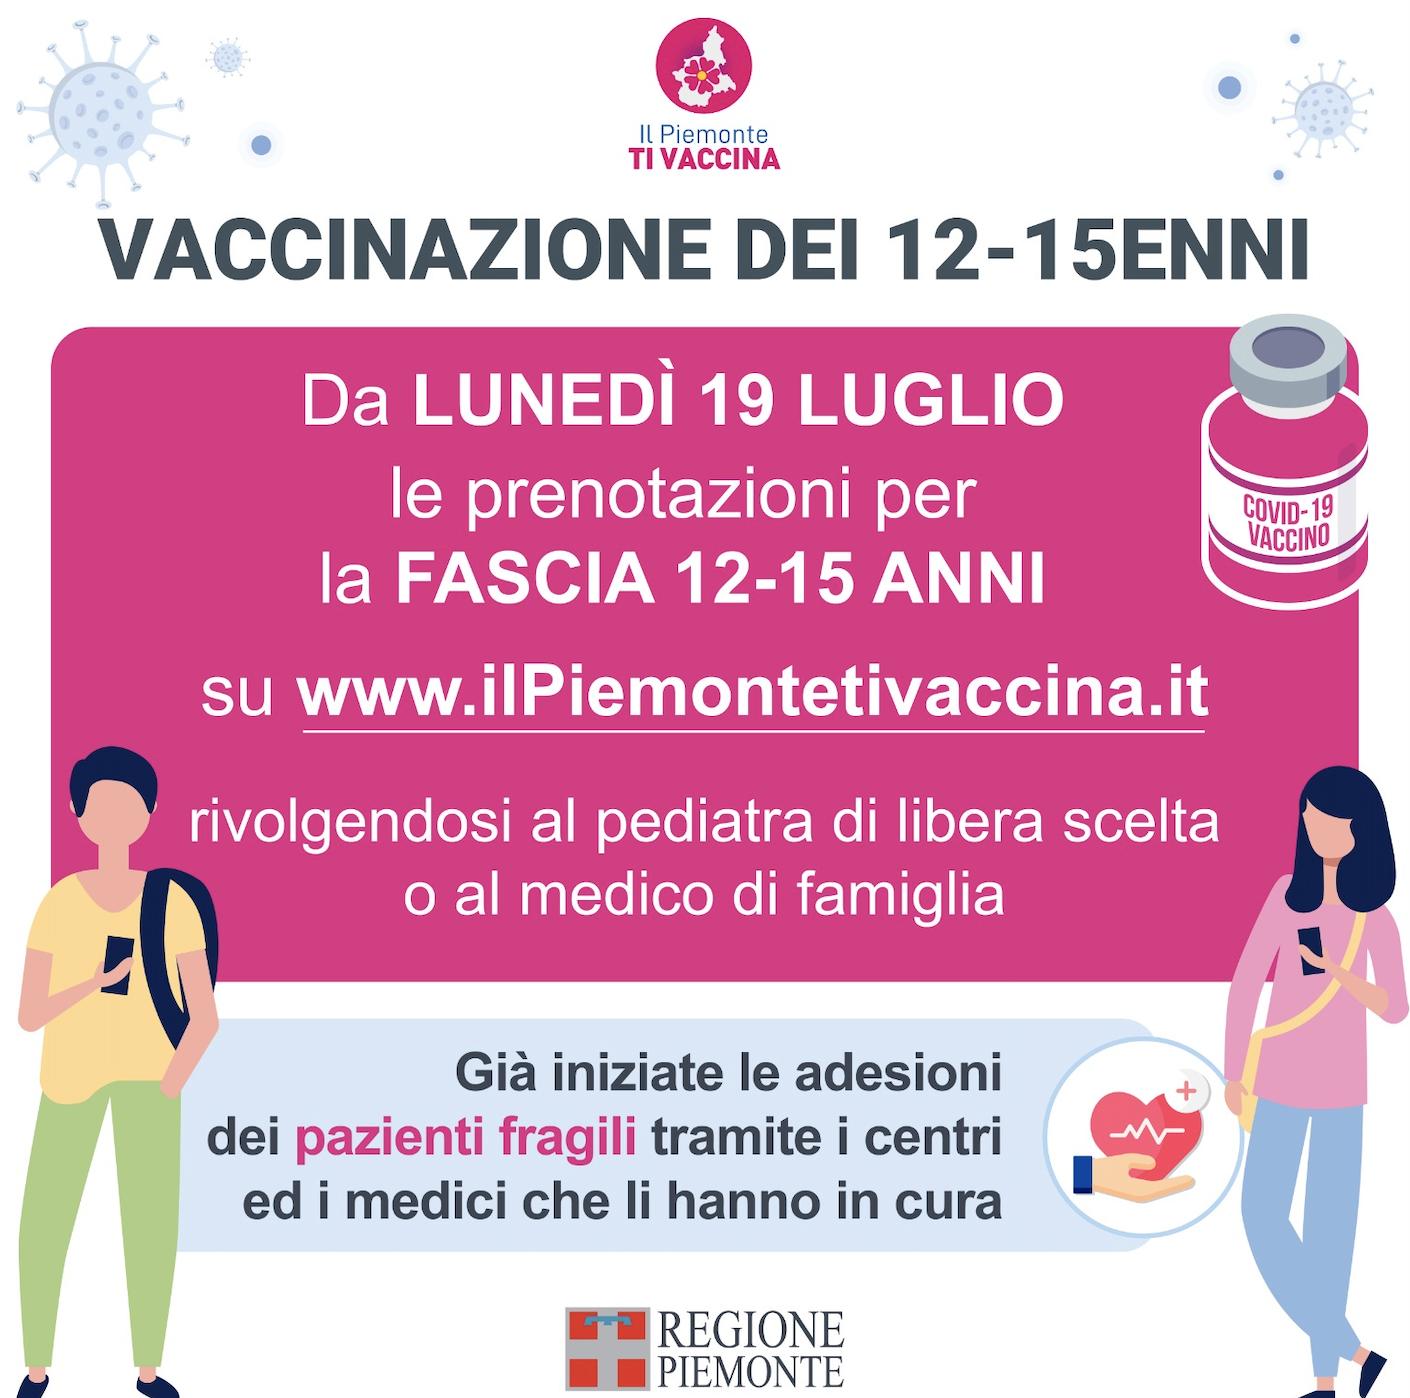 Vaccinazione 12-15 anni